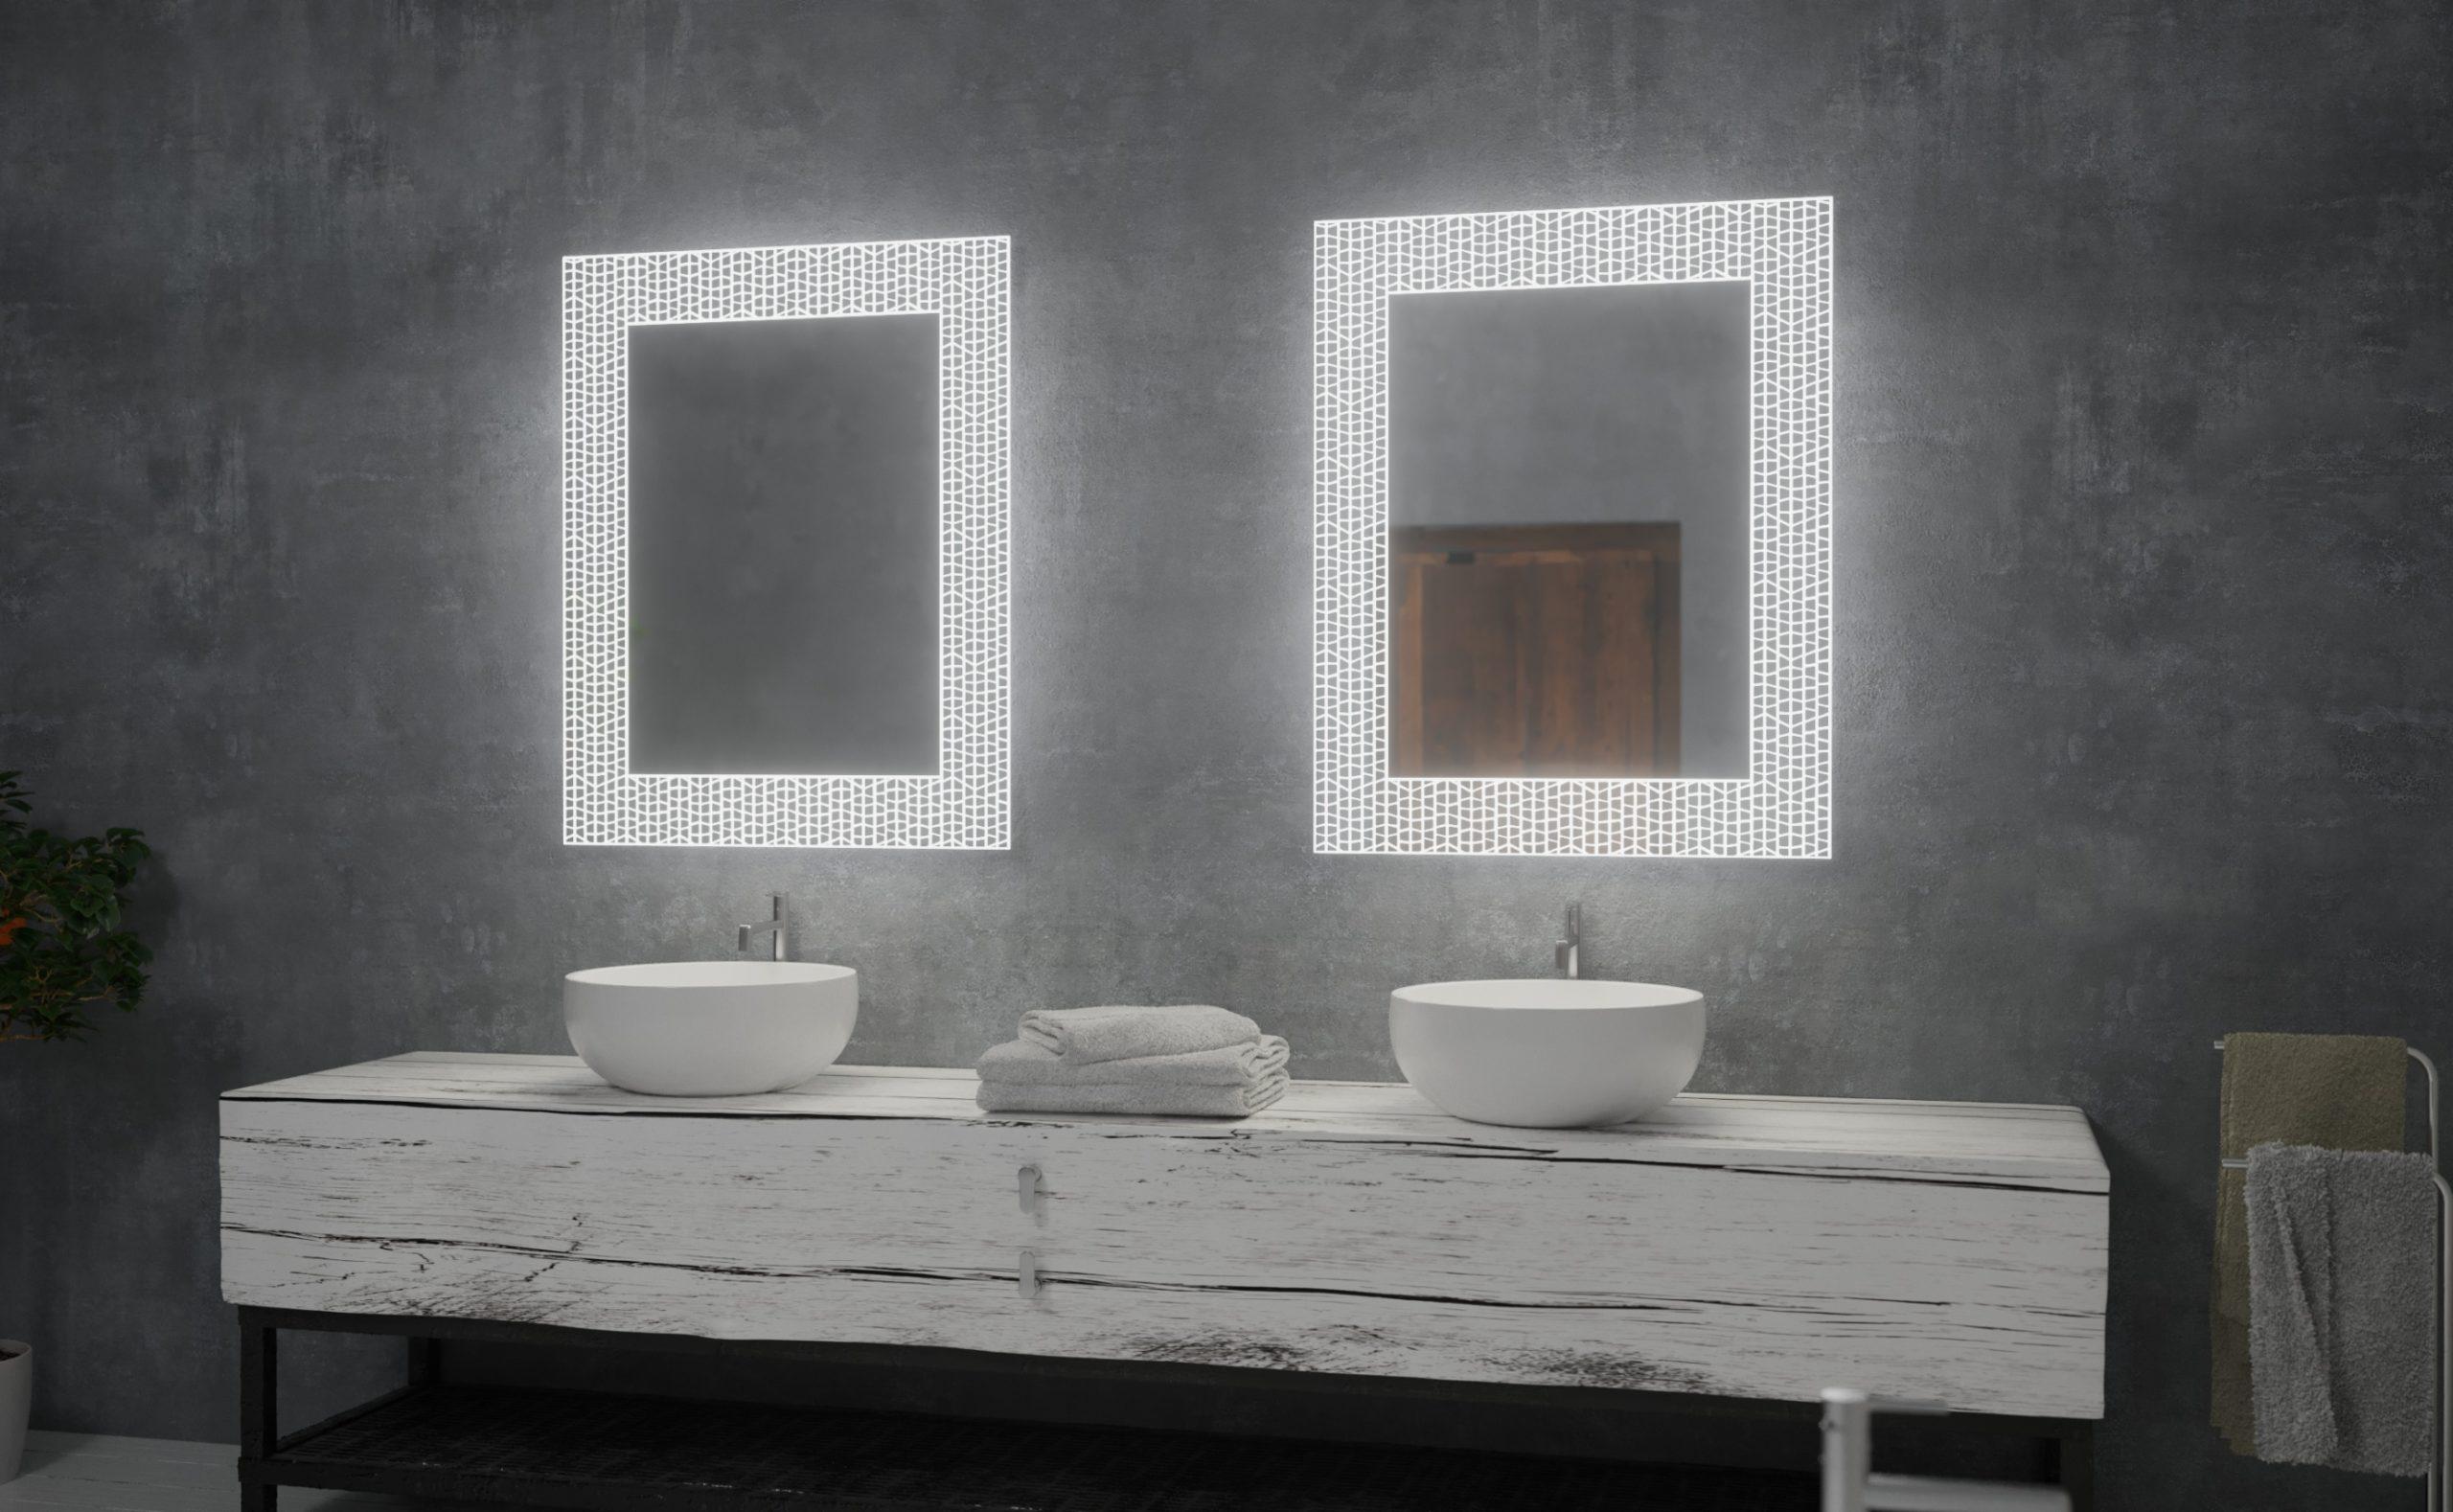 miroir salle de bains sols concept plan de campagne